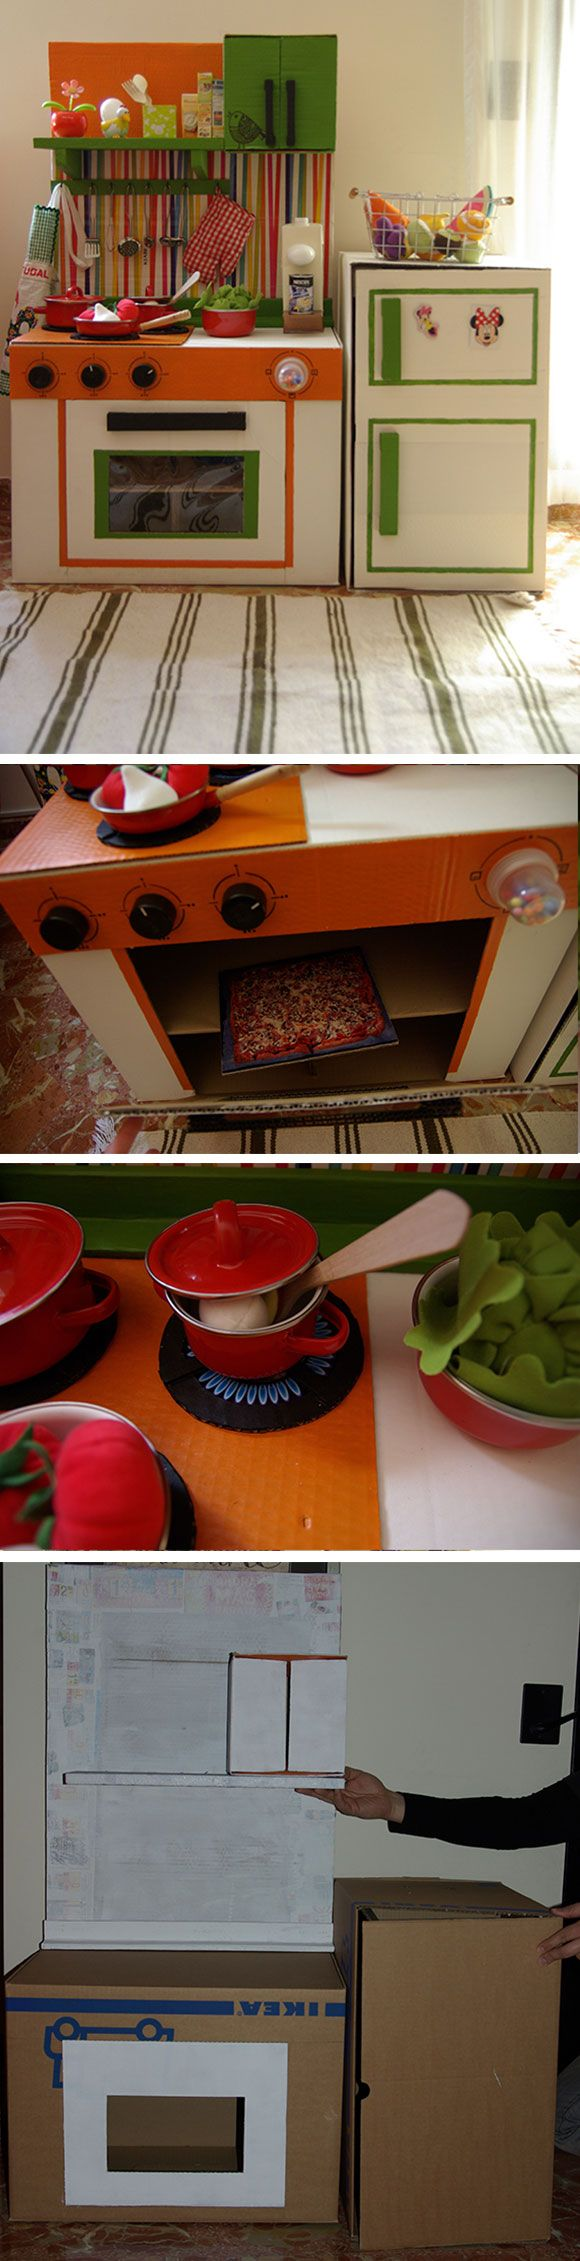 Cocina de juguete hecha con cajas de cartón.                                                                                                                                                                                 Más